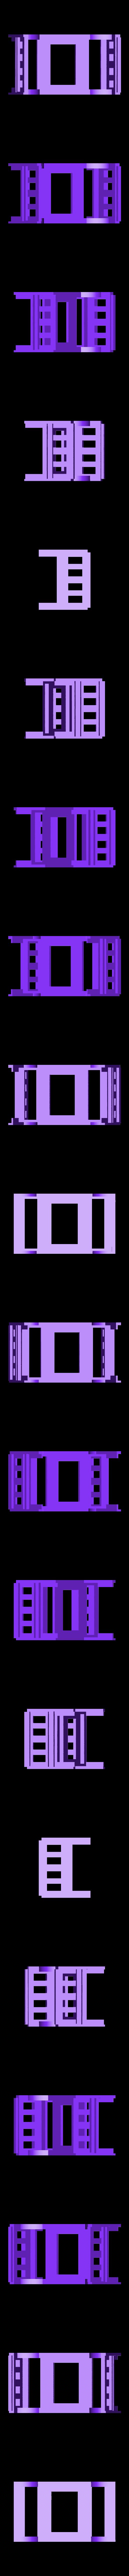 Lit.stl Télécharger fichier STL gratuit Lits superposables Playmobil • Objet pour imprimante 3D, Rio31